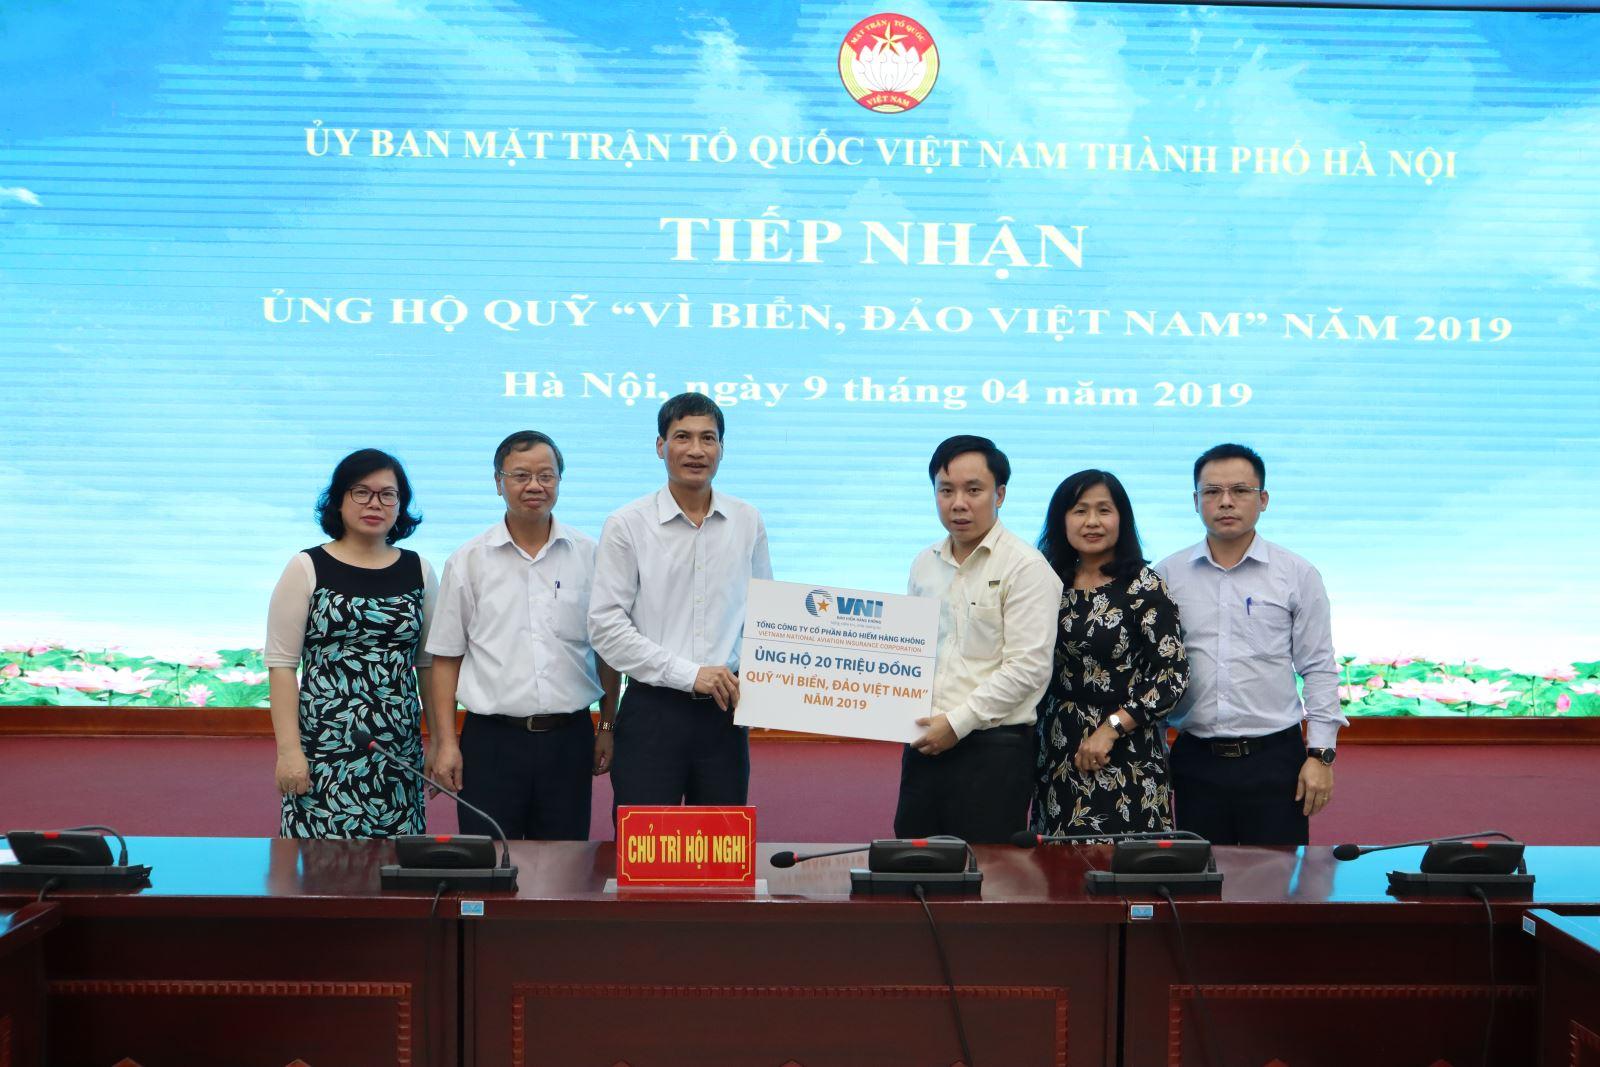 Bảo hiểm Hàng không (VNI) ủng hộ 20 triệu đồng quỹ vì biển, đảo Việt Nam